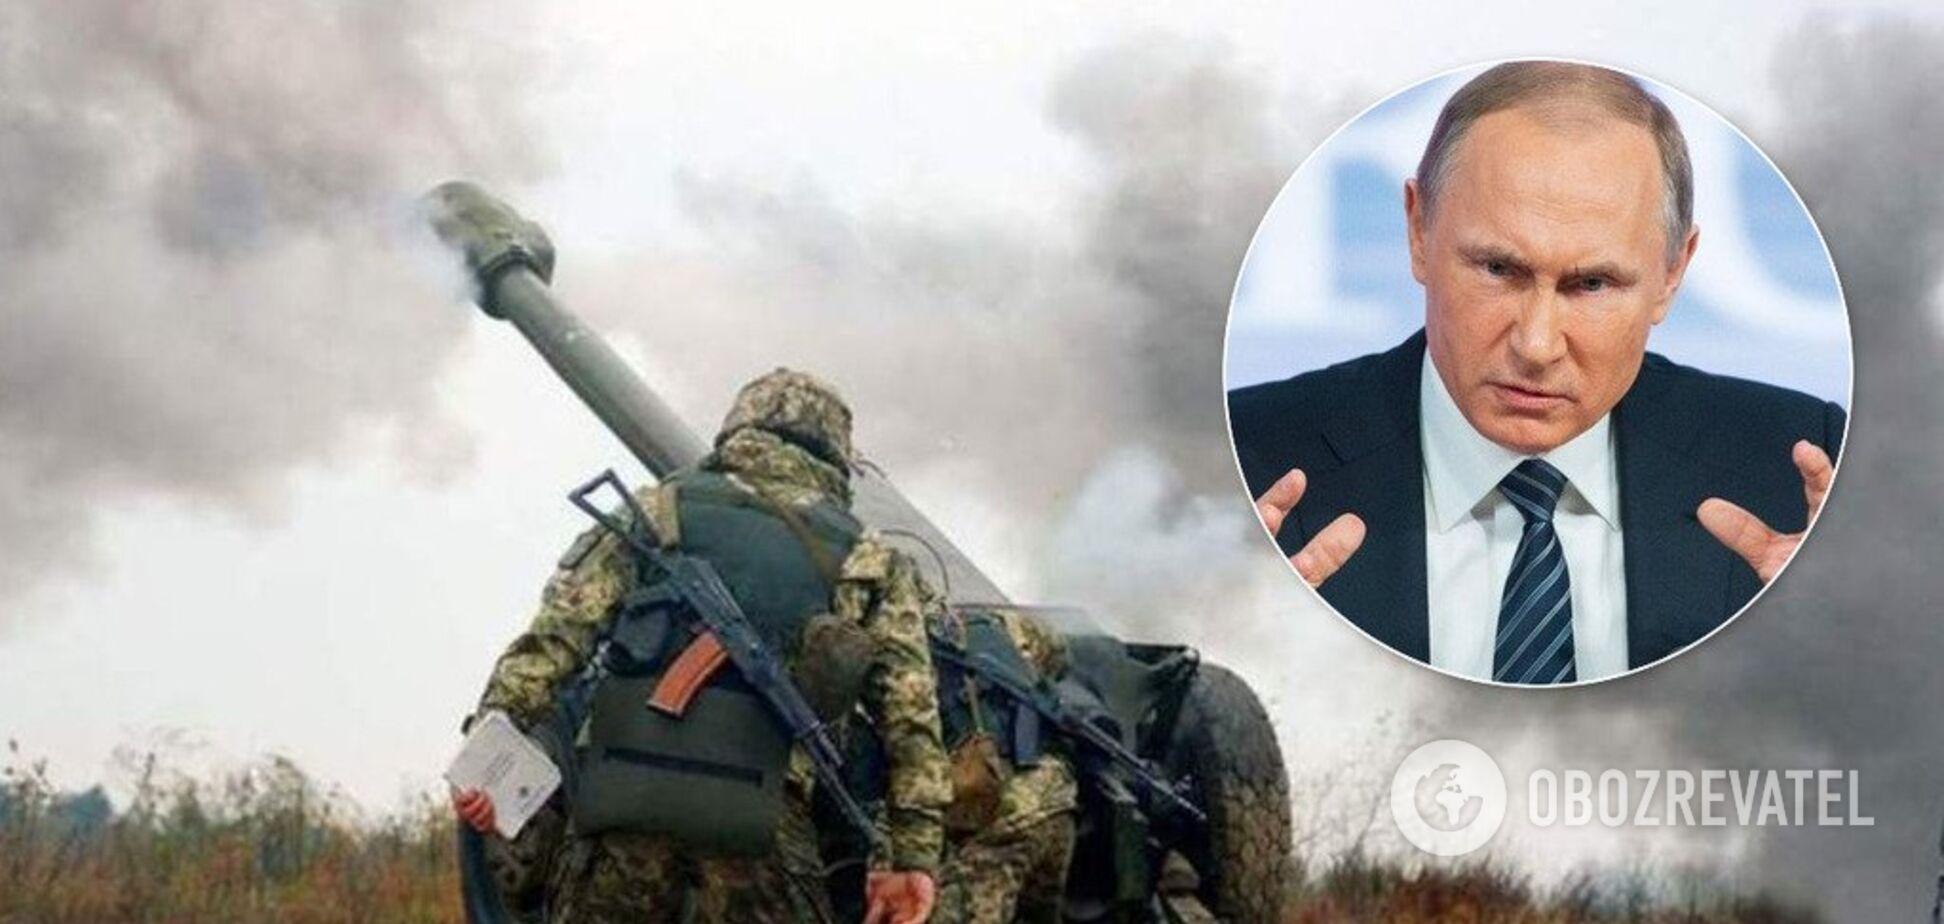 'План 'Шатун': Карін описав нову спробу Путіна вгамувати Донбас